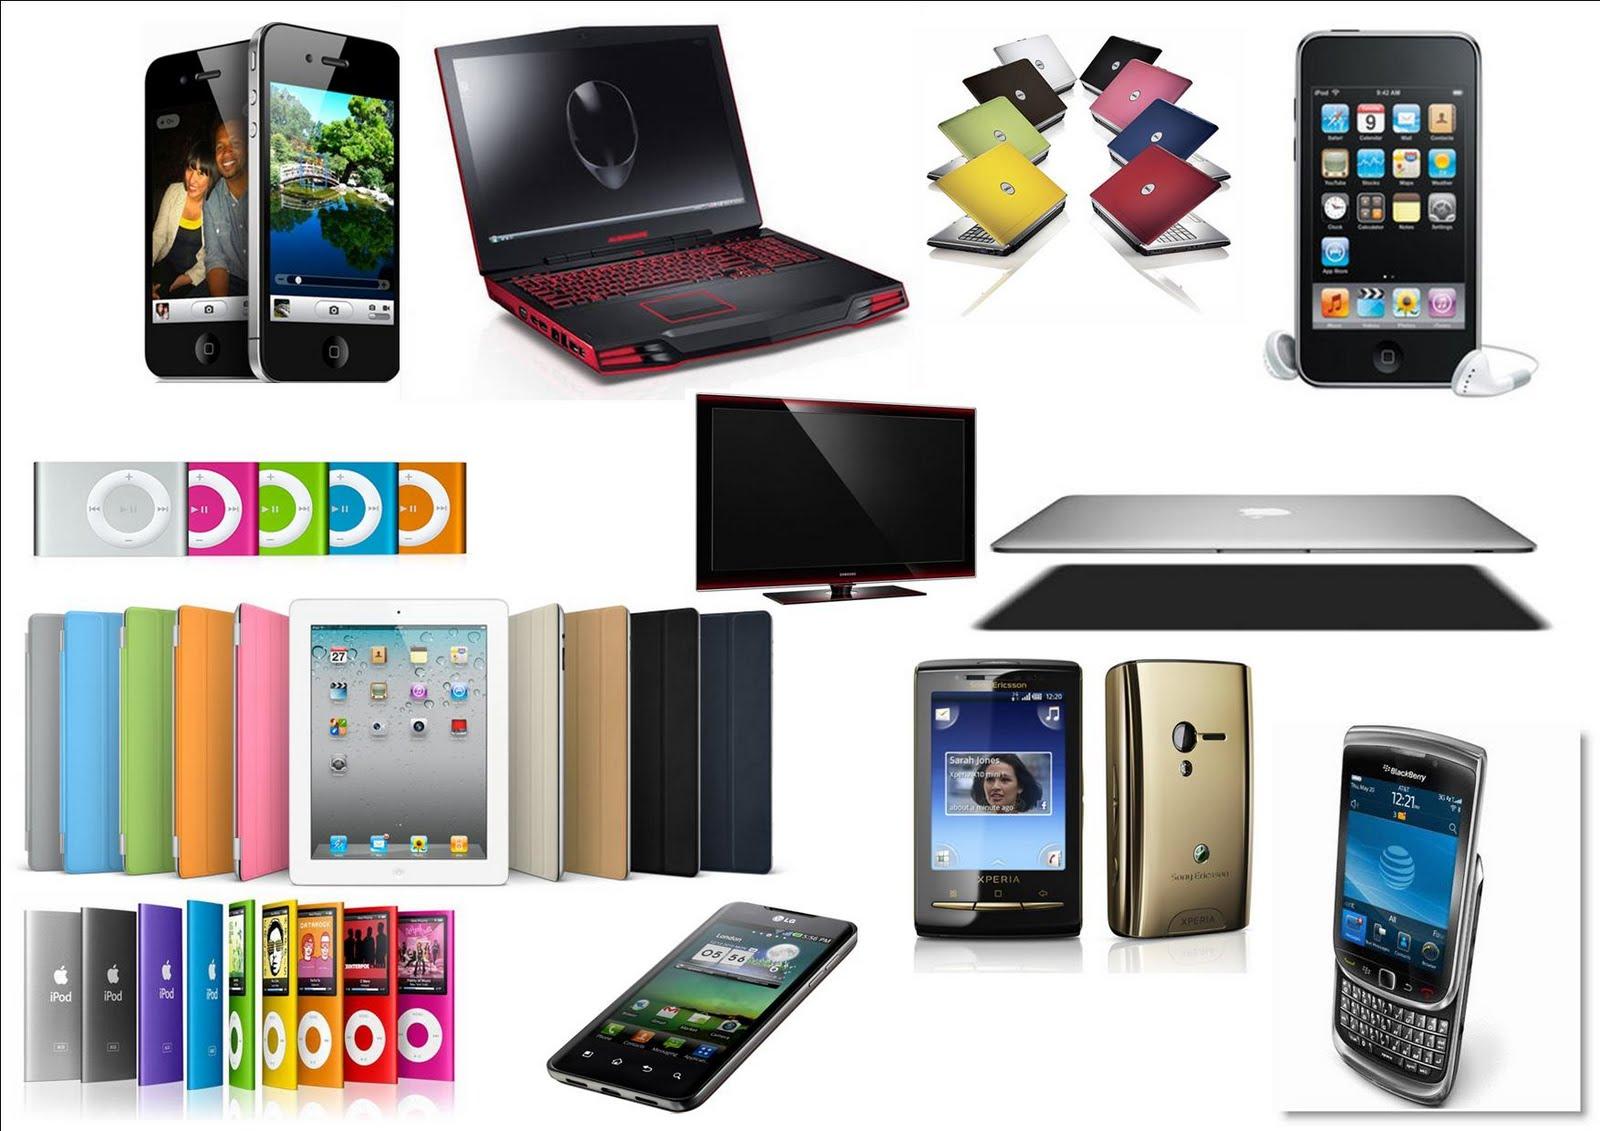 Afii39;s Media Blog: Mood Boards  Technology